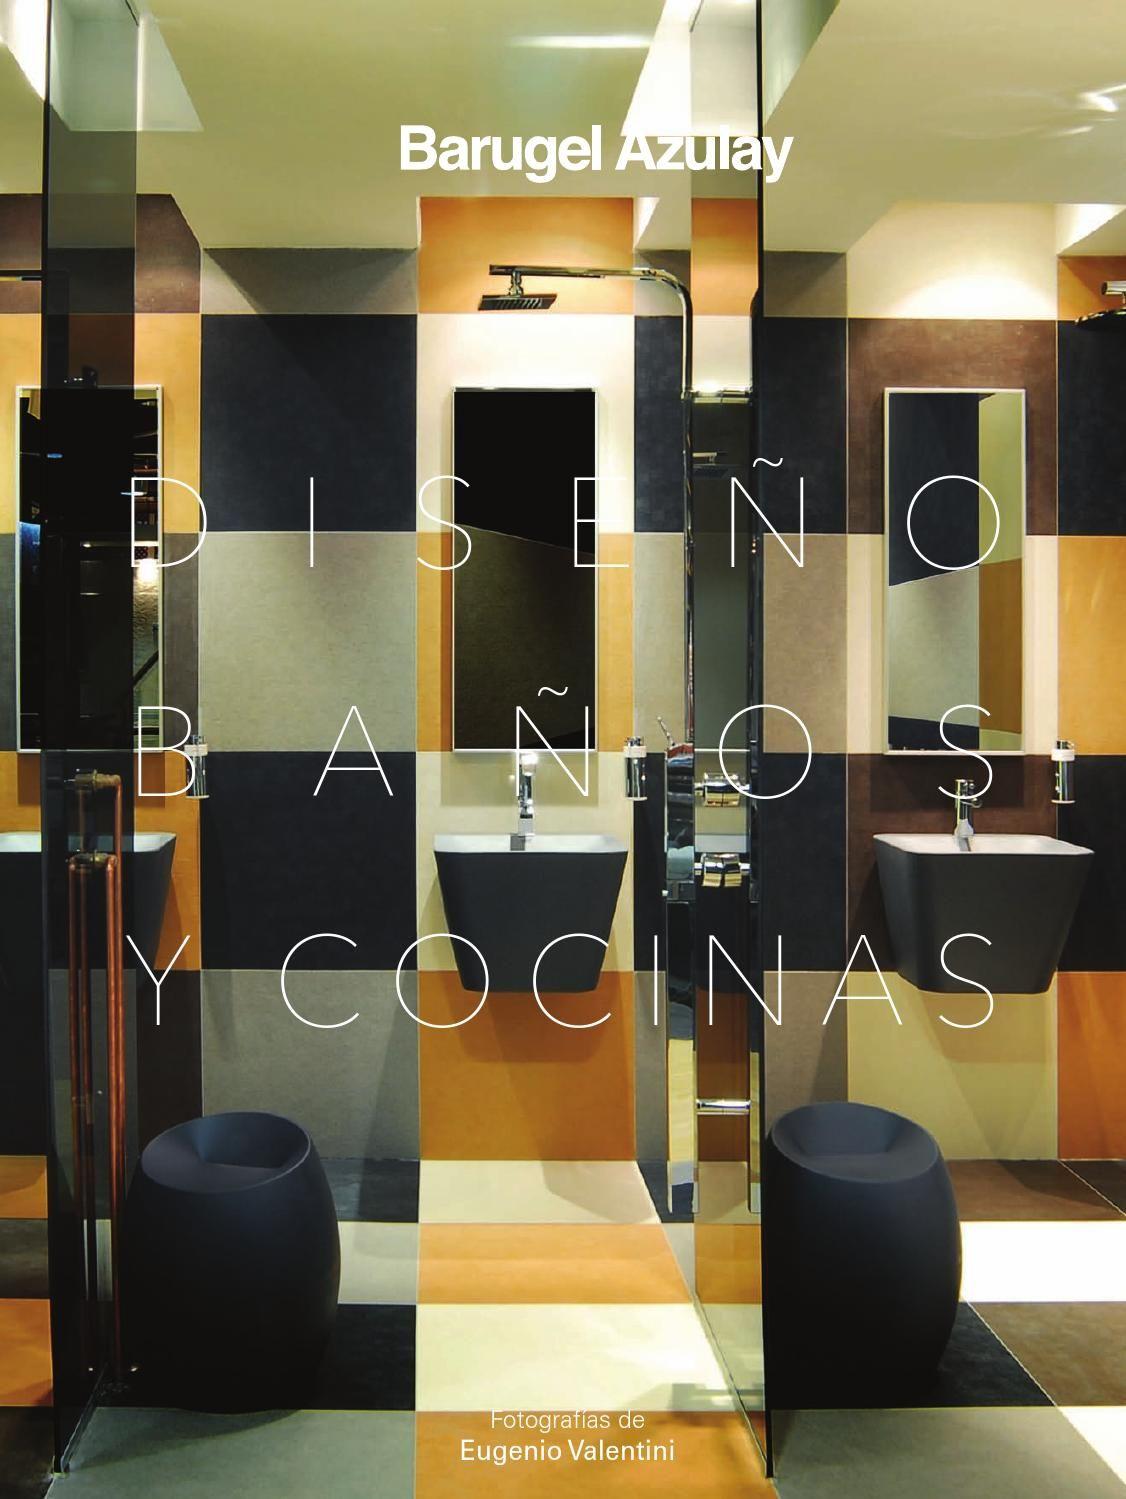 Diseño Baños y Cocinas 2013 | Diseño de baño, Herrero y Arquitectos